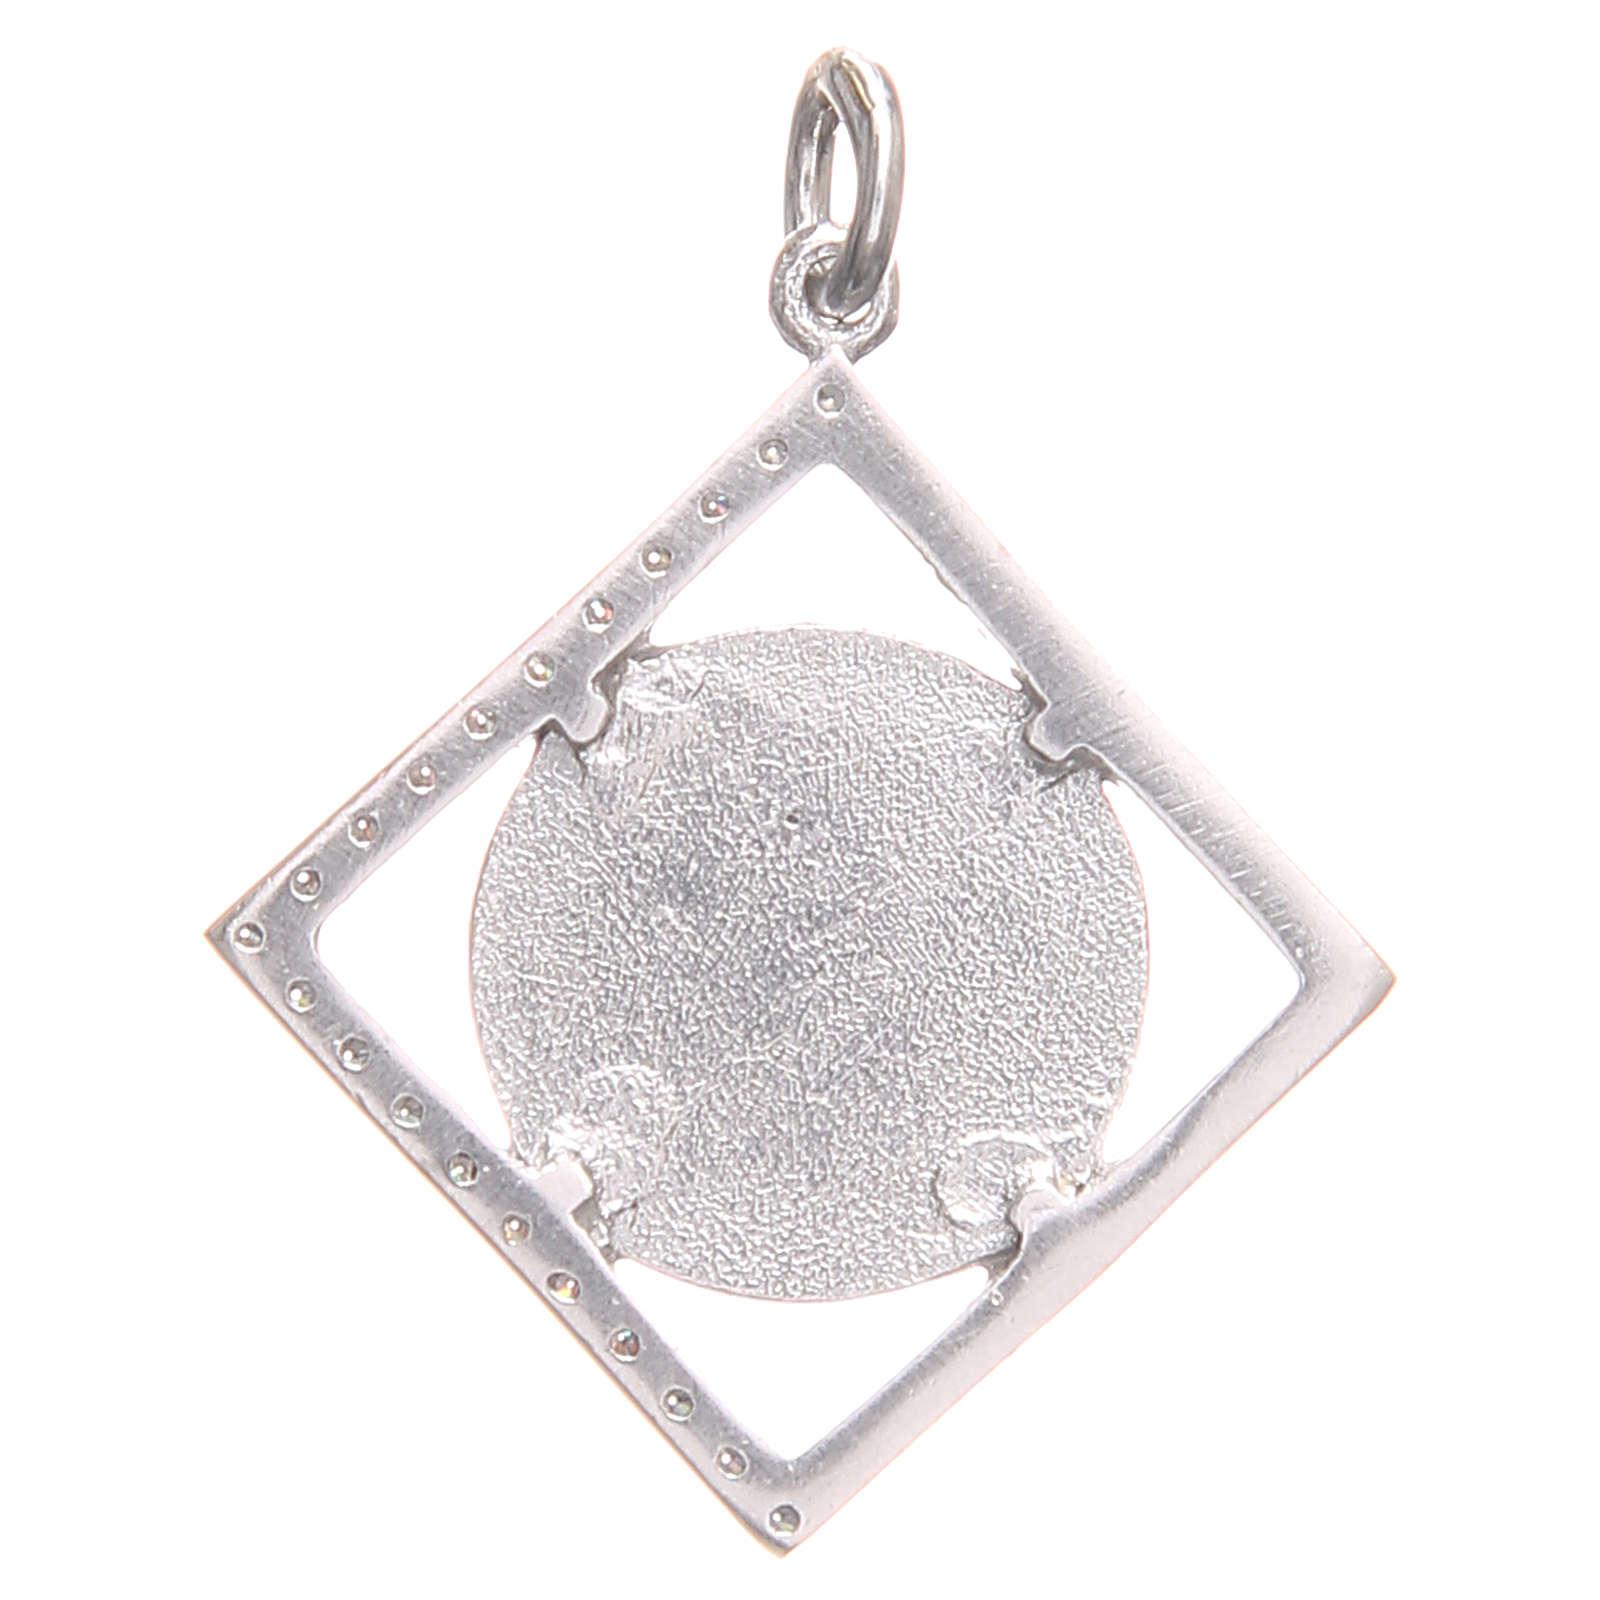 Ciondolo argento 925 Croce San Benedetto 1,6x1,6 cm 4